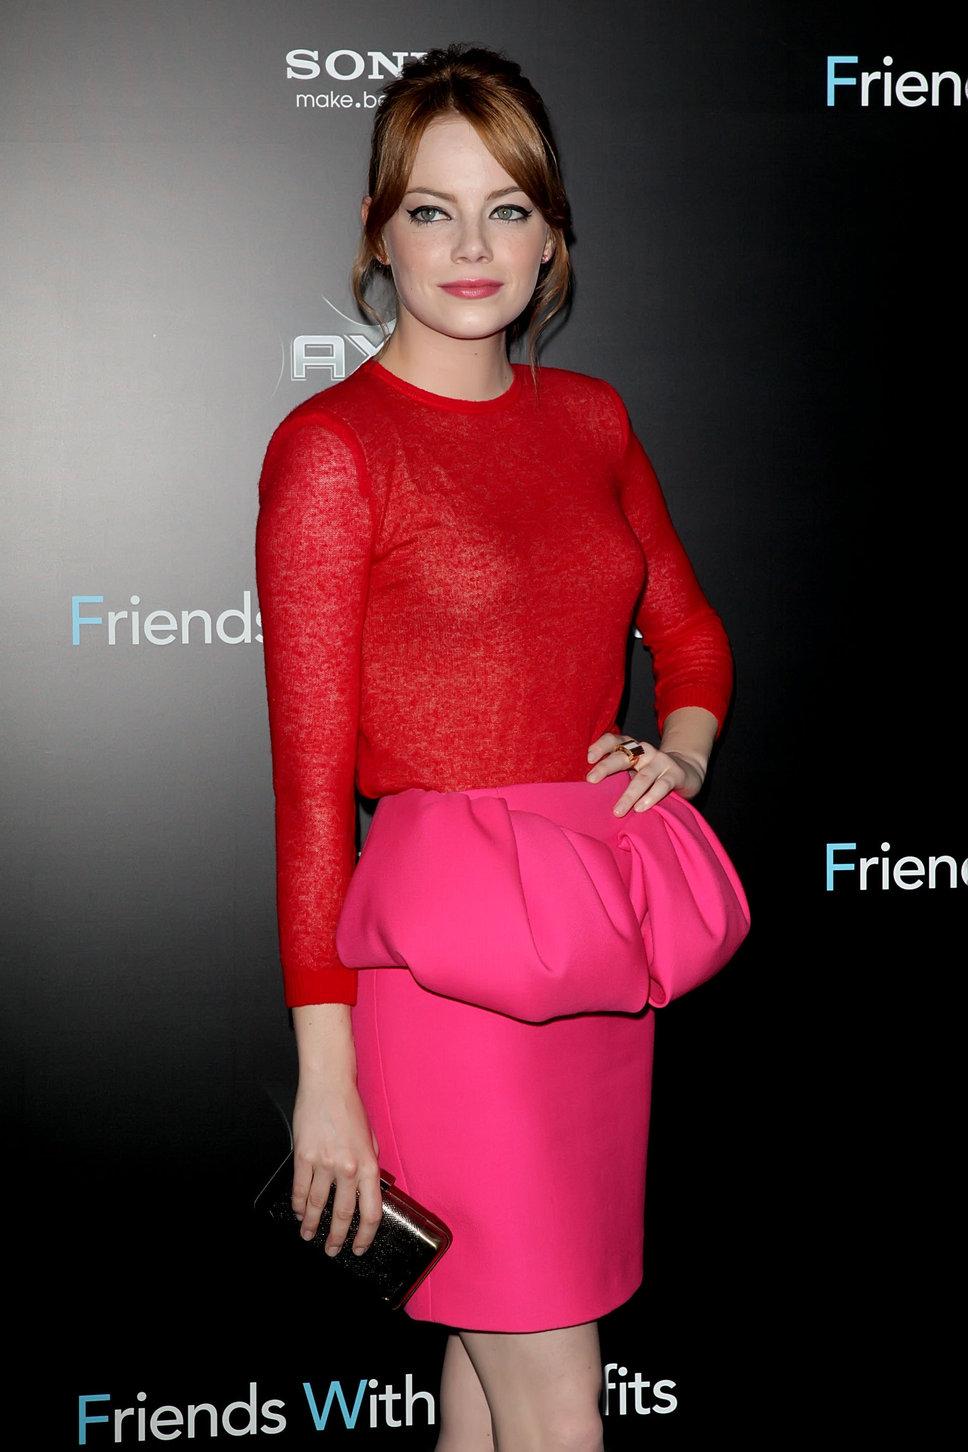 Váy hồng mix với áo đỏ